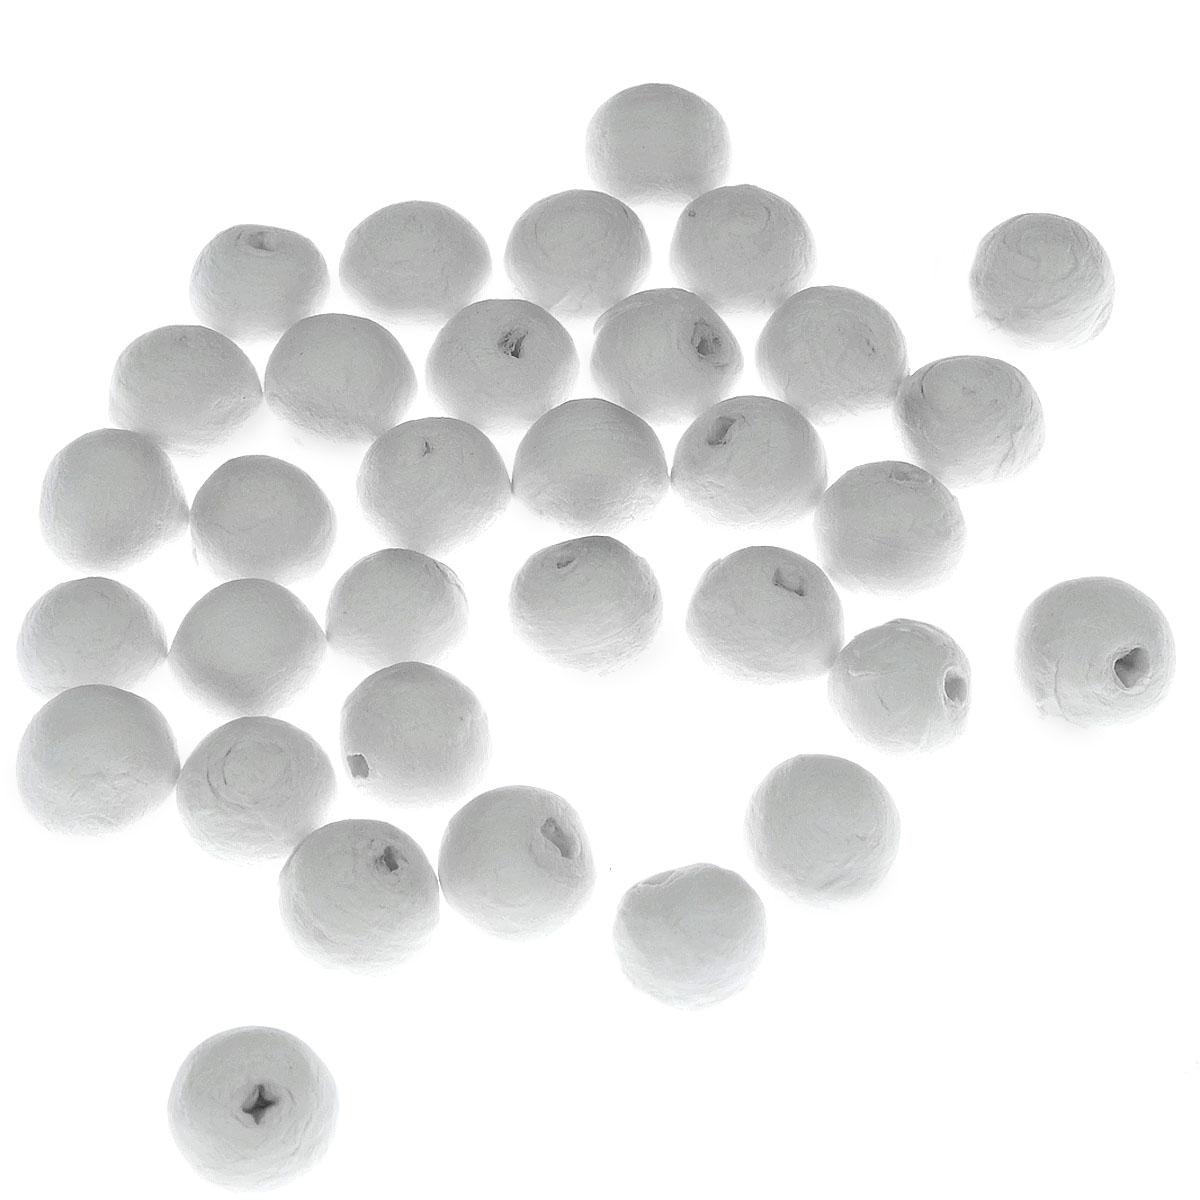 Шарики хлопковые Hobby Time, цвет: белый, диаметр 15 мм, 40 шт55052Декоративные шарики Hobby Time, изготовленные из 100% натурального хлопка, станут эффектным украшением интерьера или праздника. Из хлопка можно создать любые украшения. Белый пушистый хлопок - практически универсальная деталь, из которой можно создать красивейшие декоративные композиции как для зимних праздников, так и для торжественных мероприятий, проводимых в теплые сезоны.При планировании эко-свадьбы хлопок также стоит включить в список элементов декоративного убранства. Воткнув в букет хлопковые веточки, вы сразу сделаете композицию и нежнее, и оригинальнее. Поскольку цветки хлопчатника белые, украшения из них можно сочетать с любой цветовой палитрой. Хлопок можно добавлять не только в букет невесты и в композиции на столах. А из веточек хлопка получатся оригинальные бутоньерки. Диаметр шарика: 15 мм.